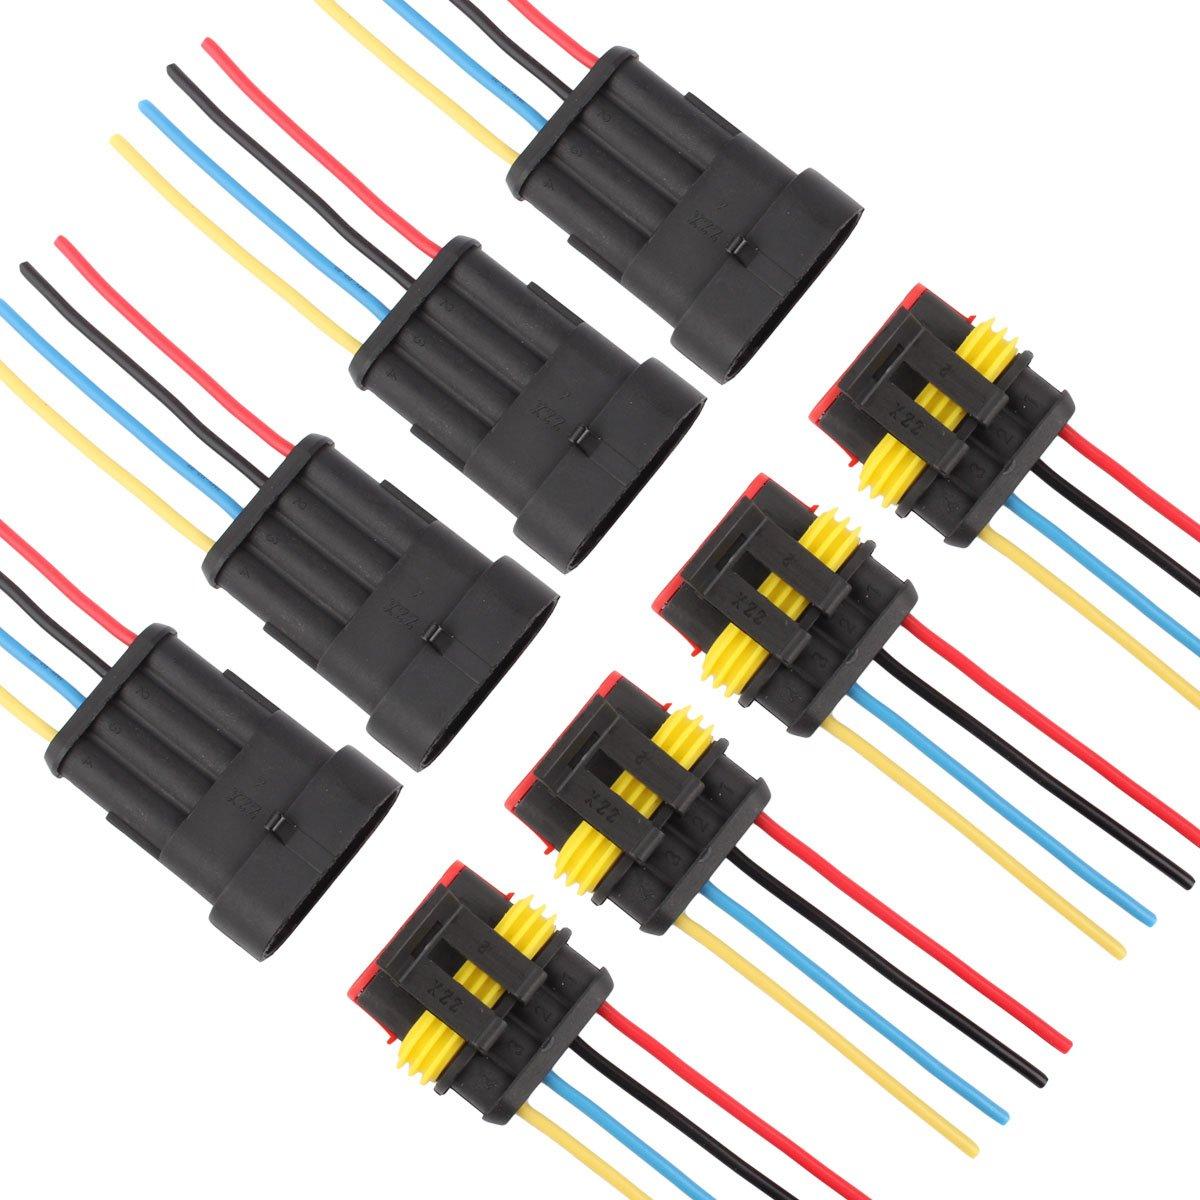 TOMALL 1 broche Way 16 AWG Voiture Étanche Connecteur pour Prise Électrique à Prise Rapide 1 Fil de Tresse 1.5mm Série (Lot de 6)